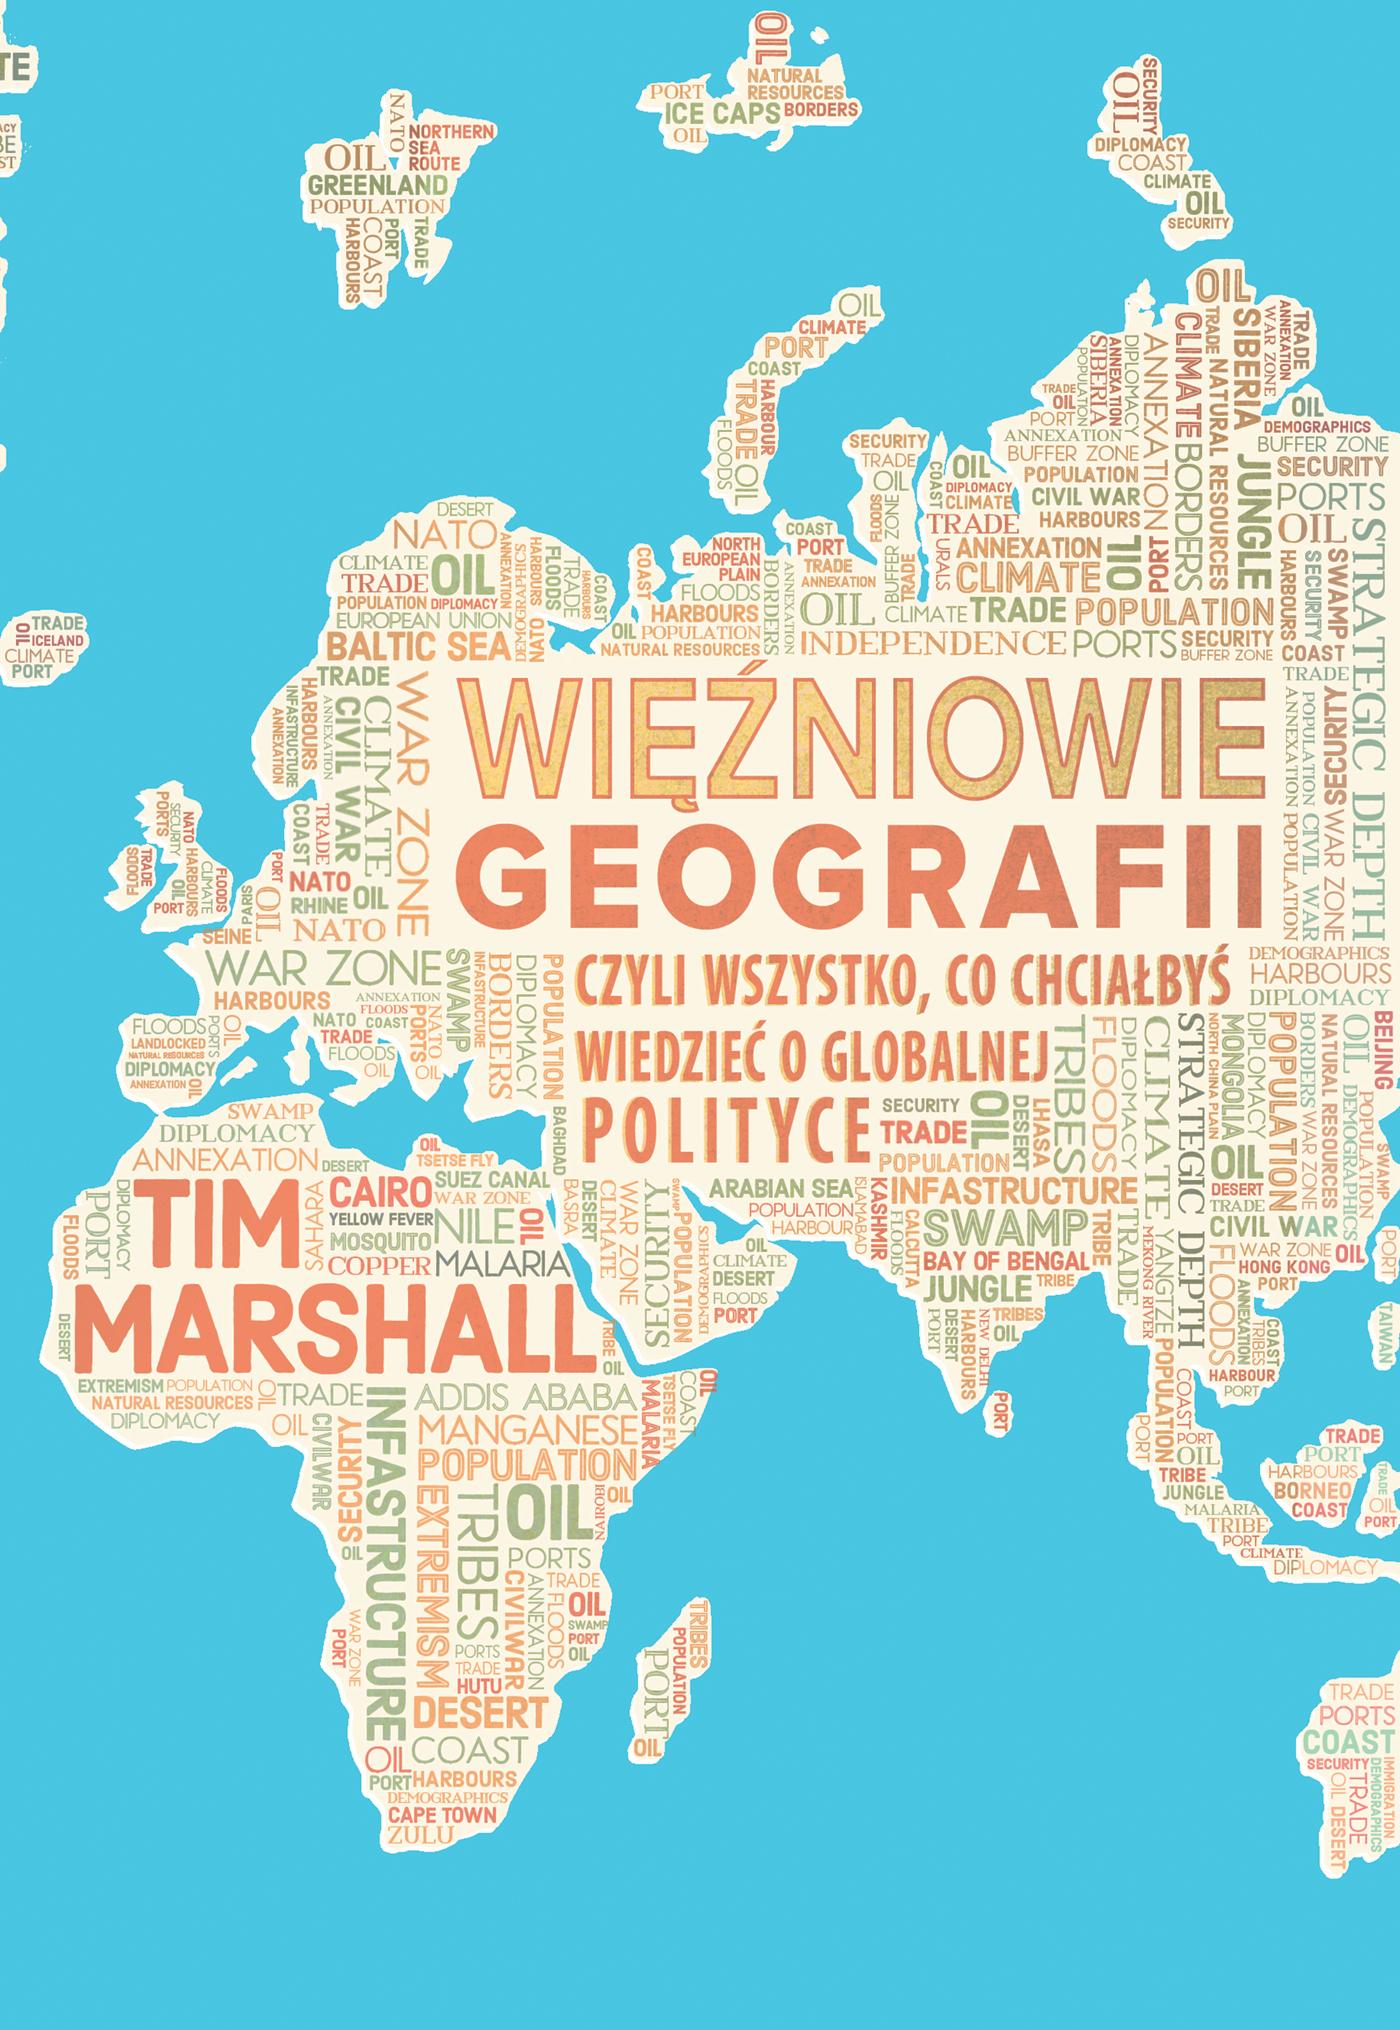 Więźniowie geografii, czyli wszystko, co chciałbyś wiedzieć o globalnej polityce